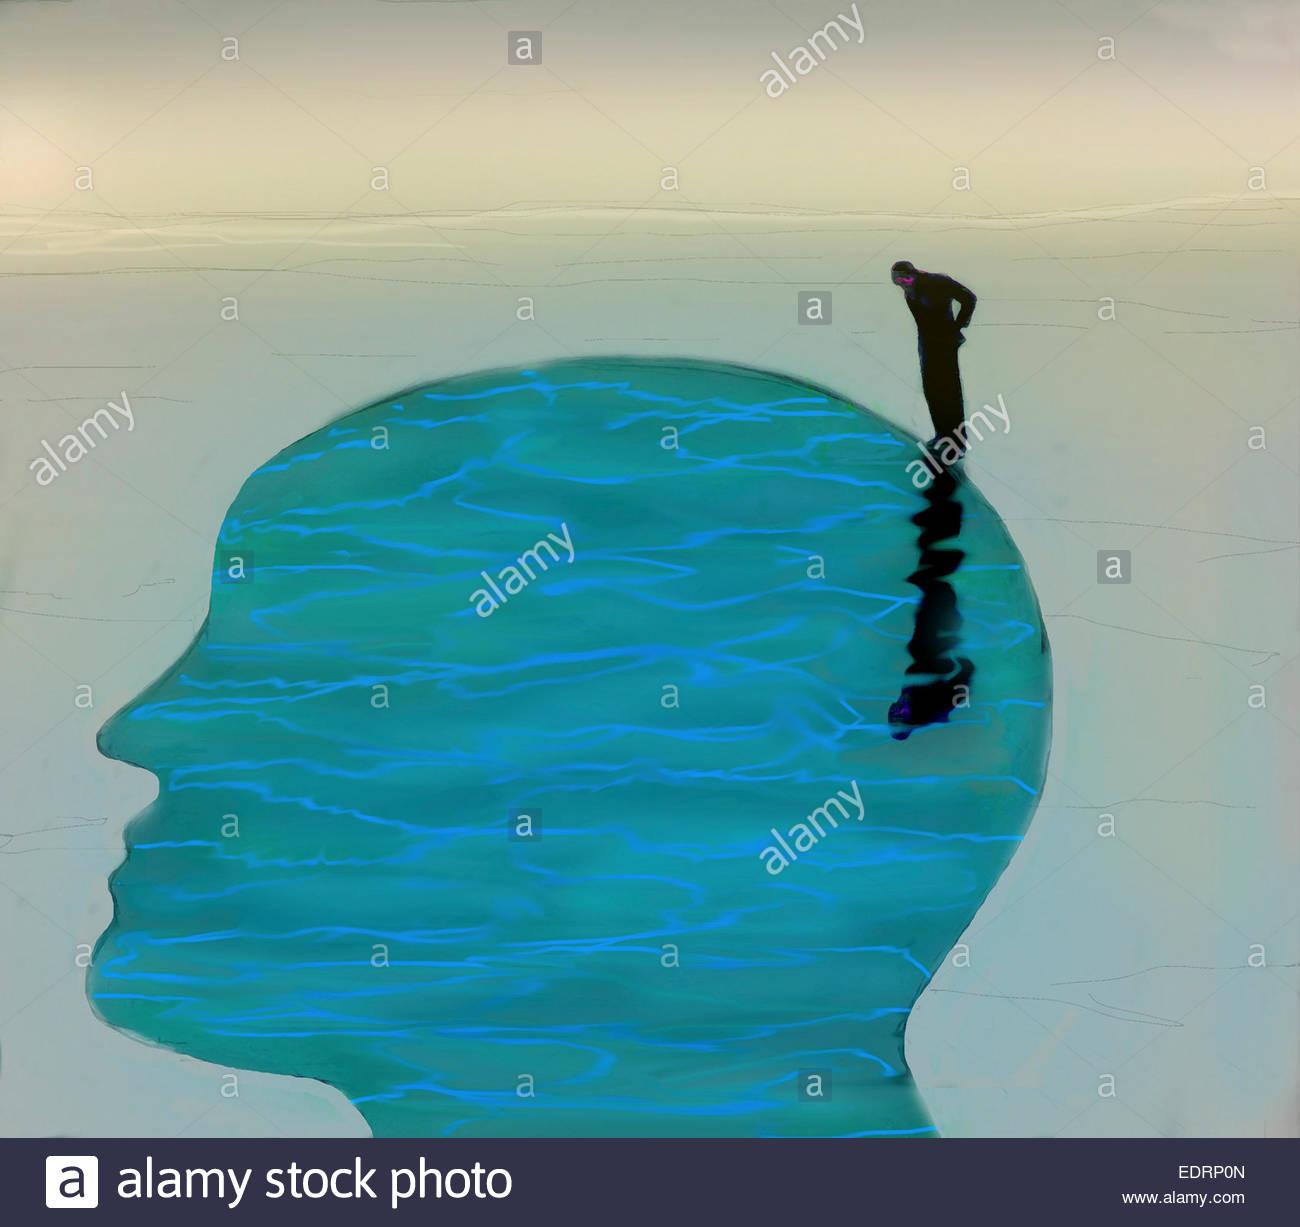 Mann auf der Suche nach unten ins ruhige Wasser im Inneren Kopfprofil Stockbild